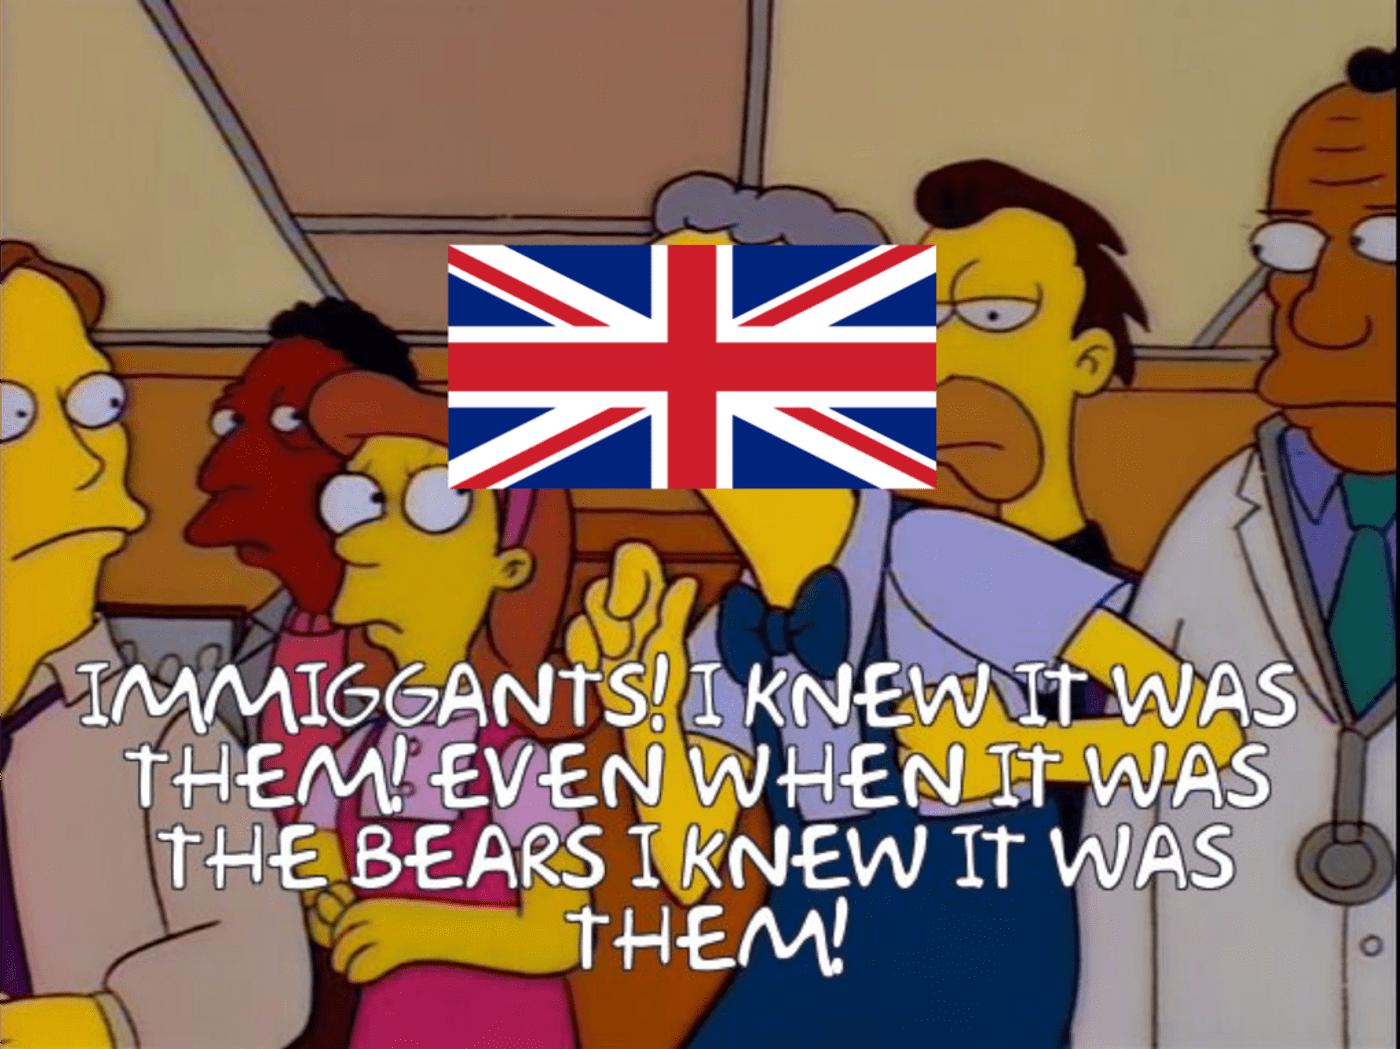 Best Simpsons Memes to Explain Brexit